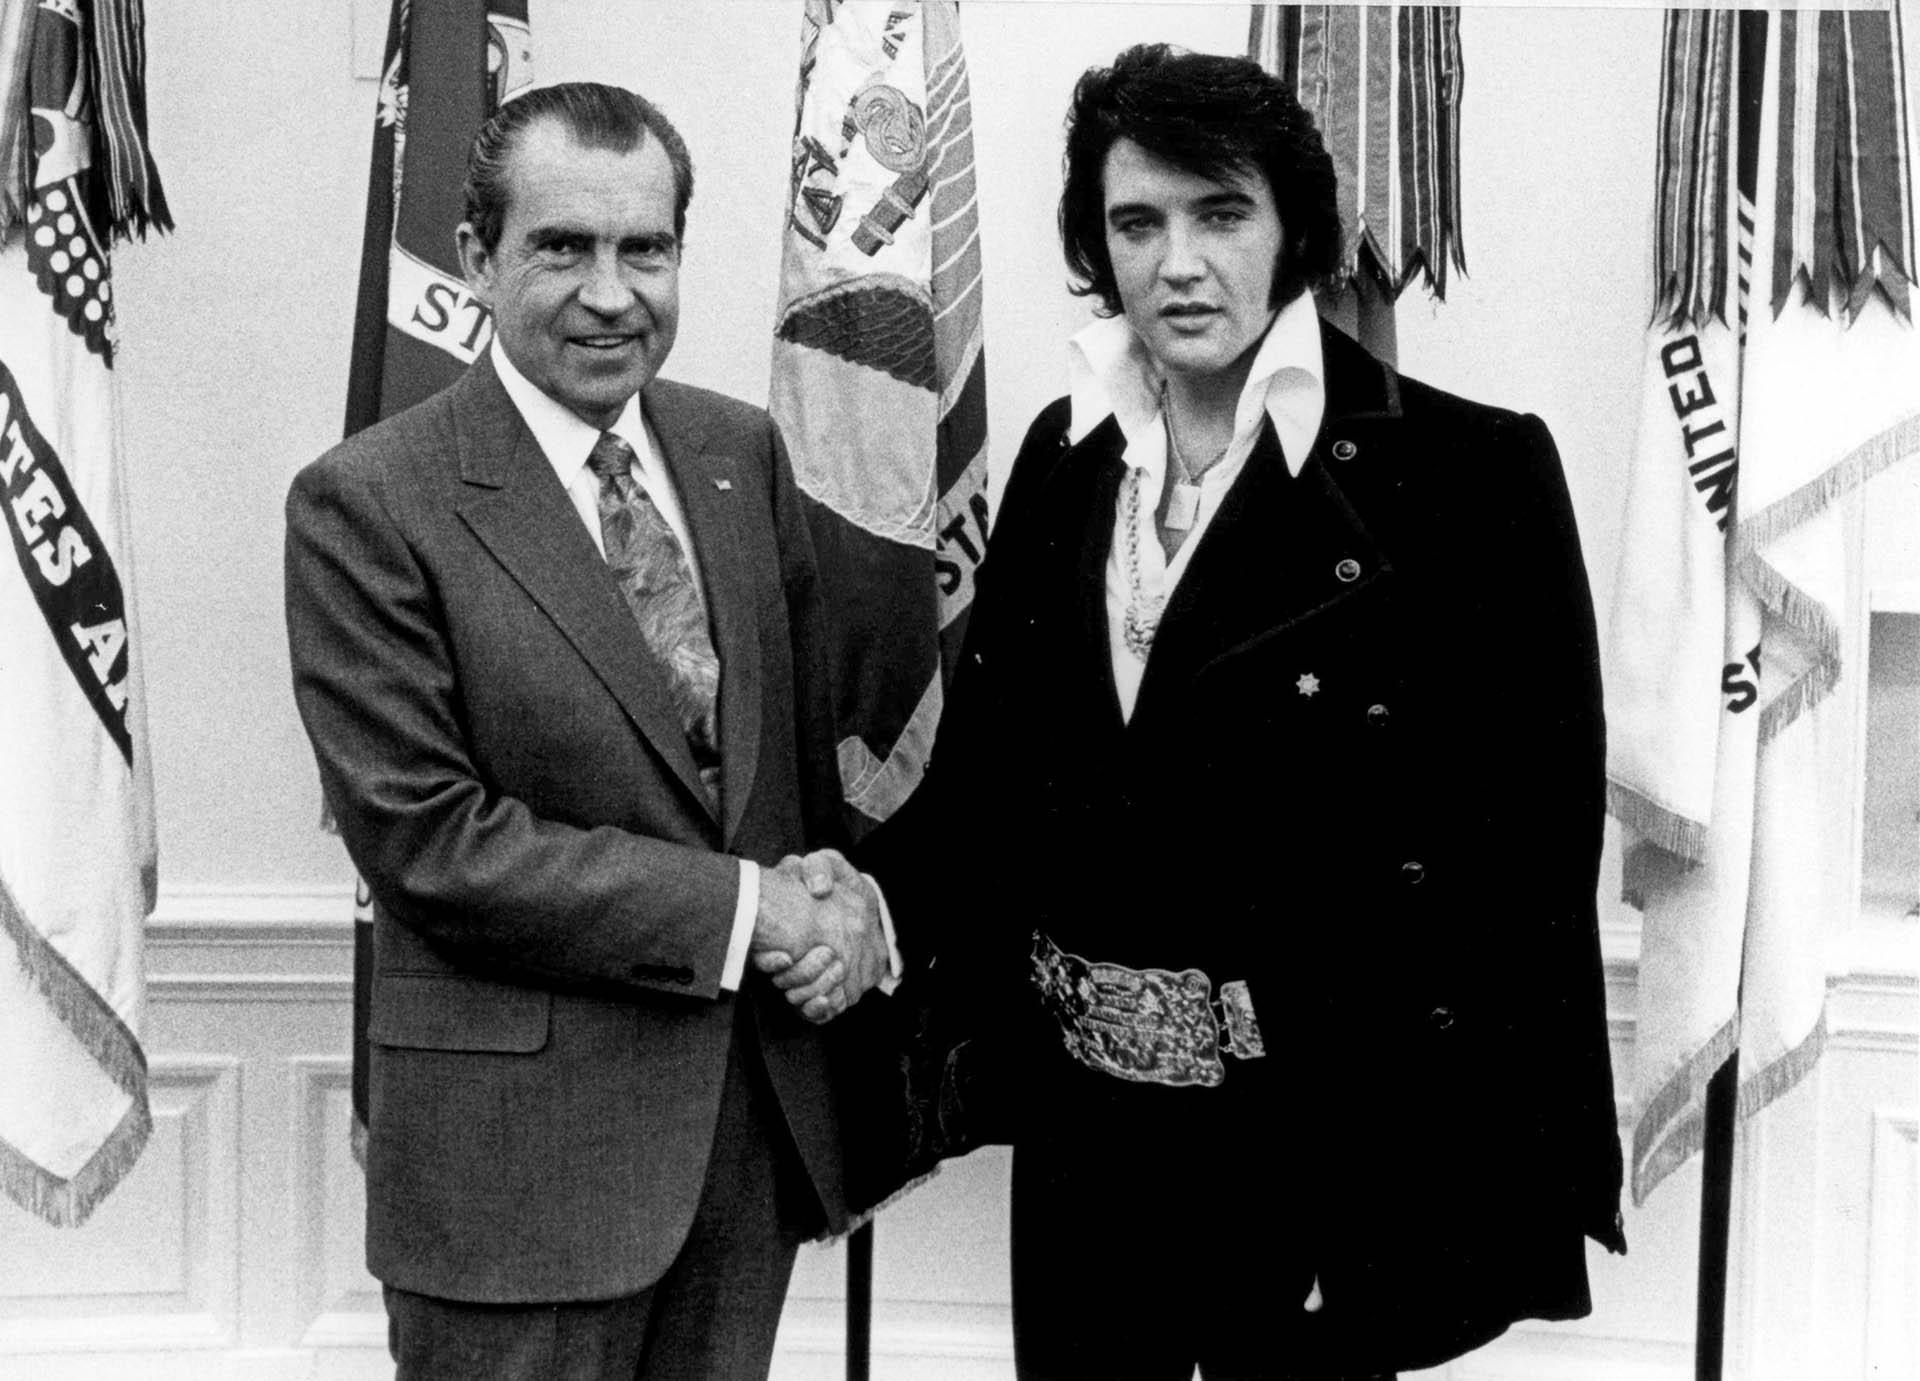 Junto com Richard Nixon, o então presidente dos Estados Unidos, em uma visita oficial ao Gabinete Oval da Casa Branca